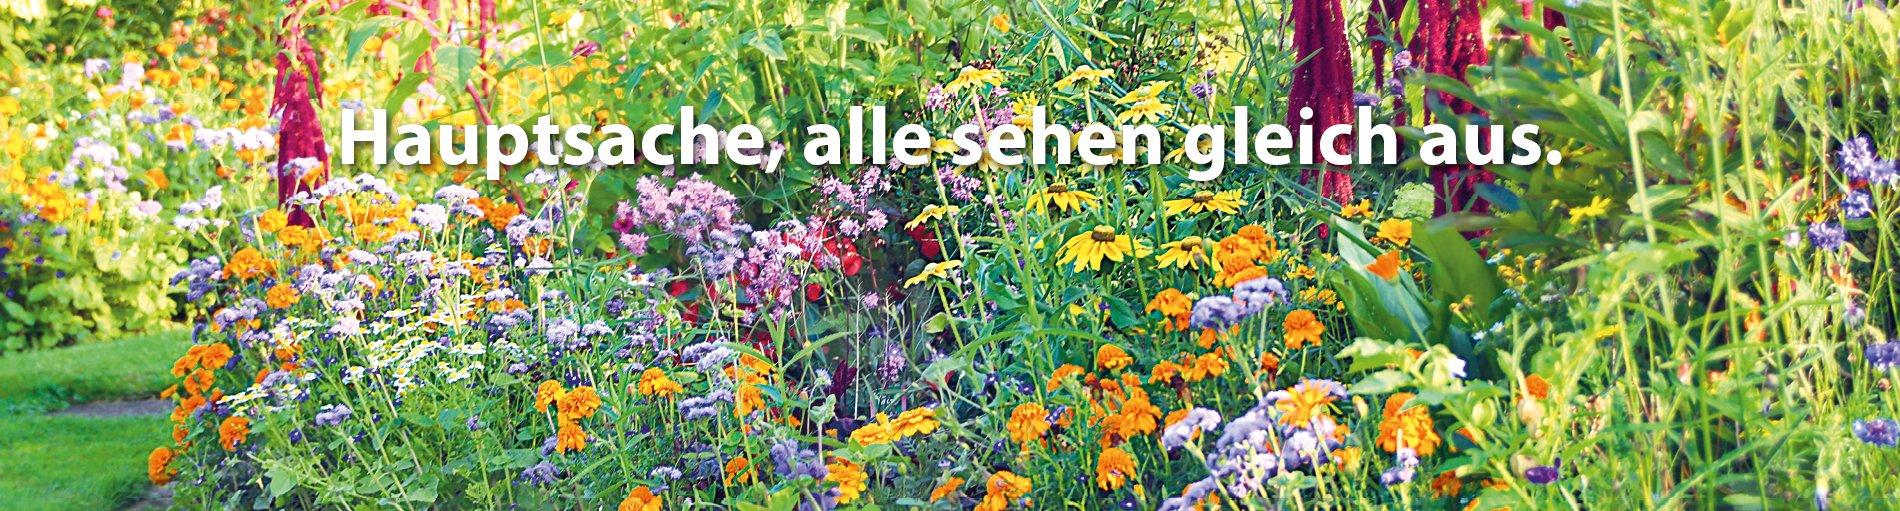 Eine bunte Blumenwiese mit Schriftzug: Hauptsache, alle sehen gleich aus.